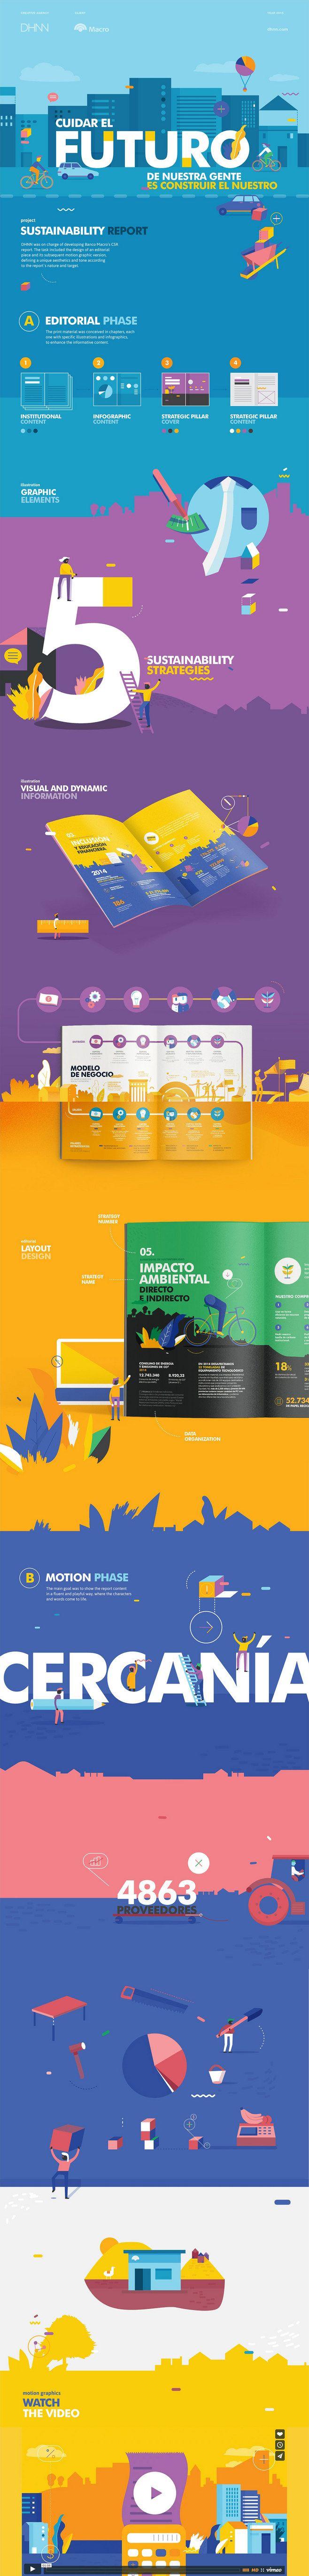 扁平化网页设计,来源自黄蜂网http:/...